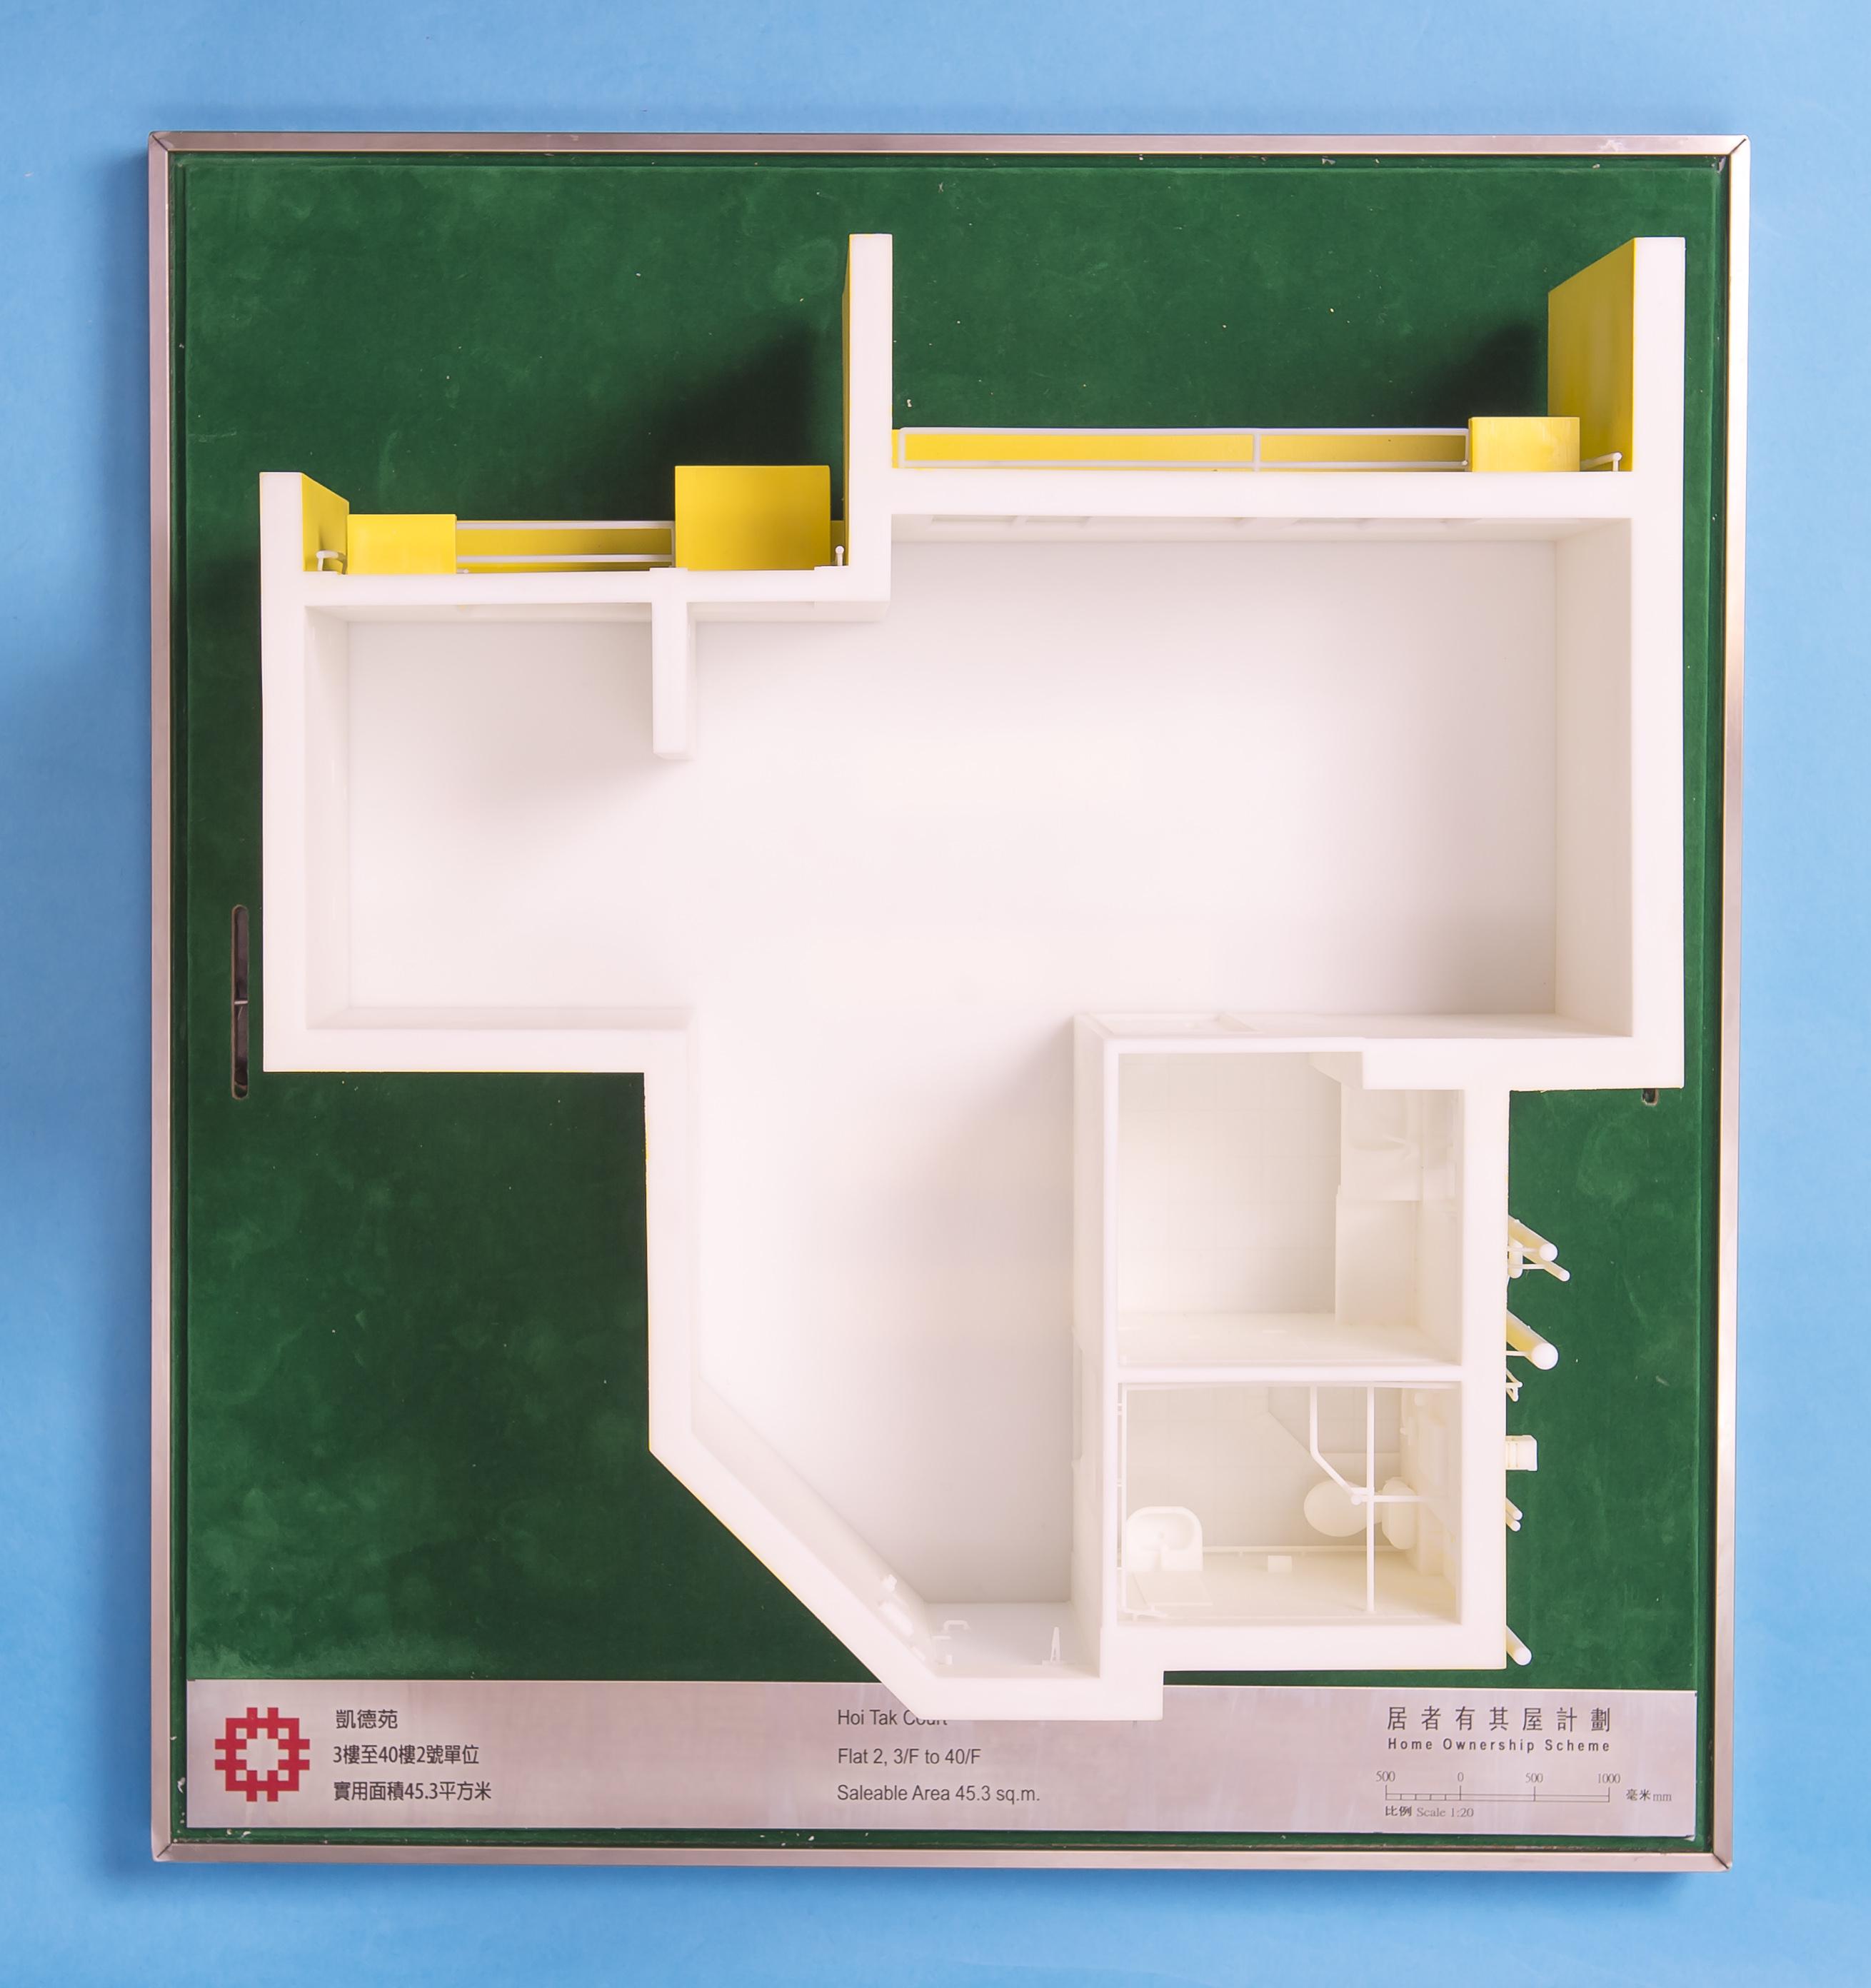 凱德苑單位面積不小,售價僅次冠德苑。